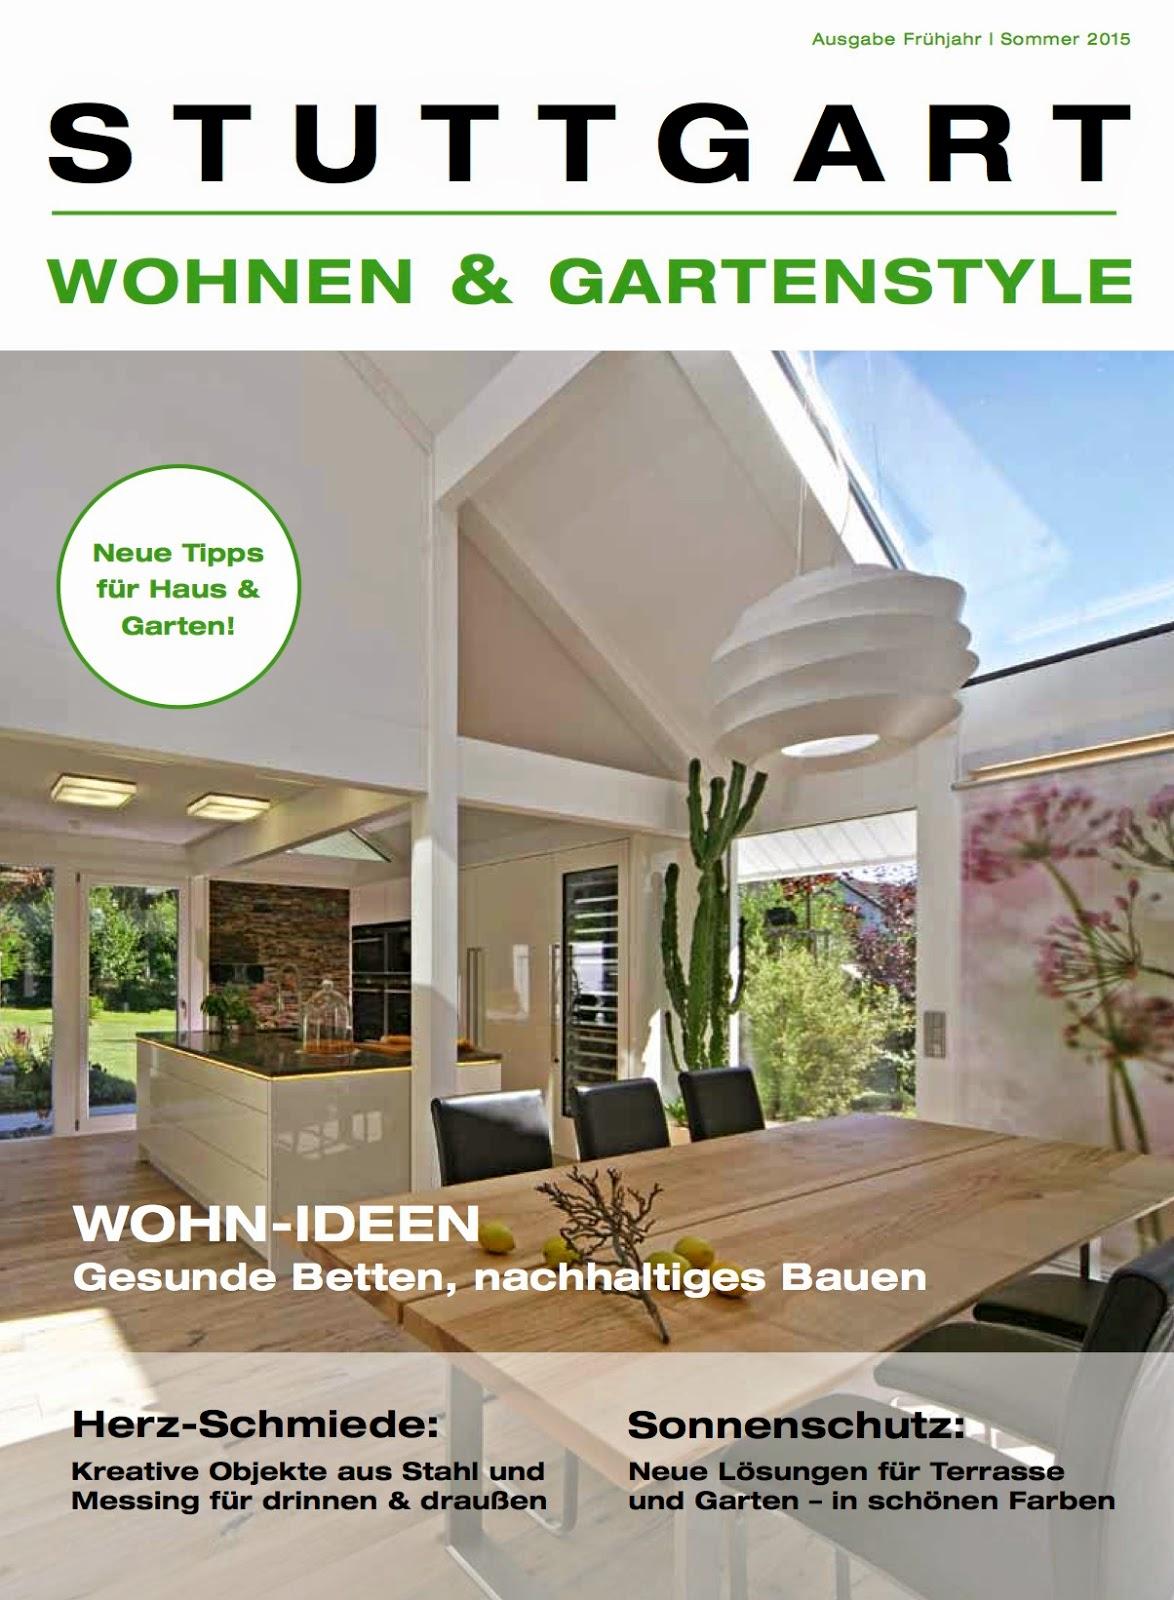 mag21 tipps sonderheft wohnen gartenstyle stuttgart in. Black Bedroom Furniture Sets. Home Design Ideas